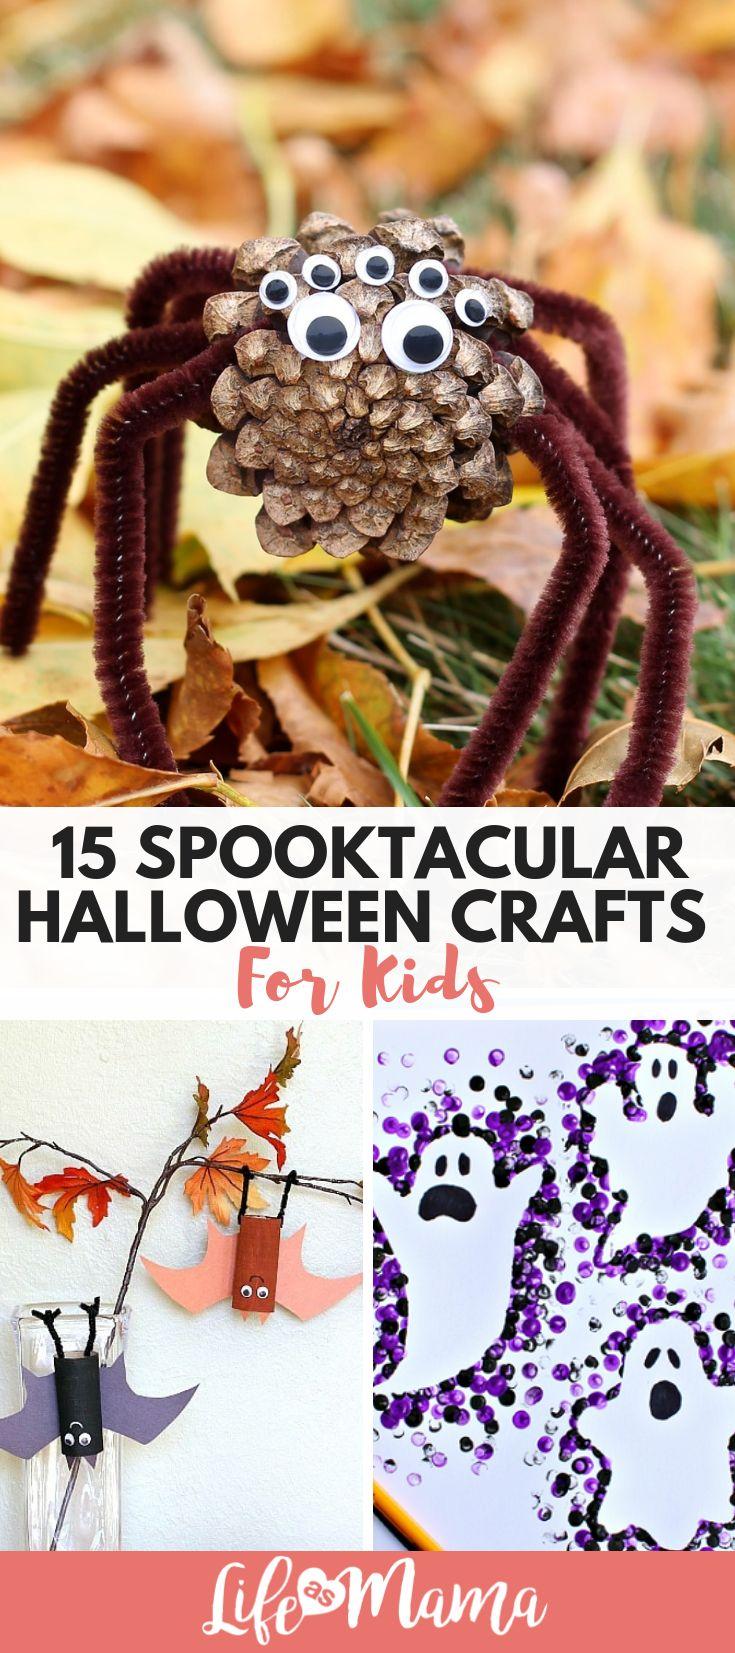 DIY Craft: 15 Spooktacular Halloween Crafts For Kids <a class=